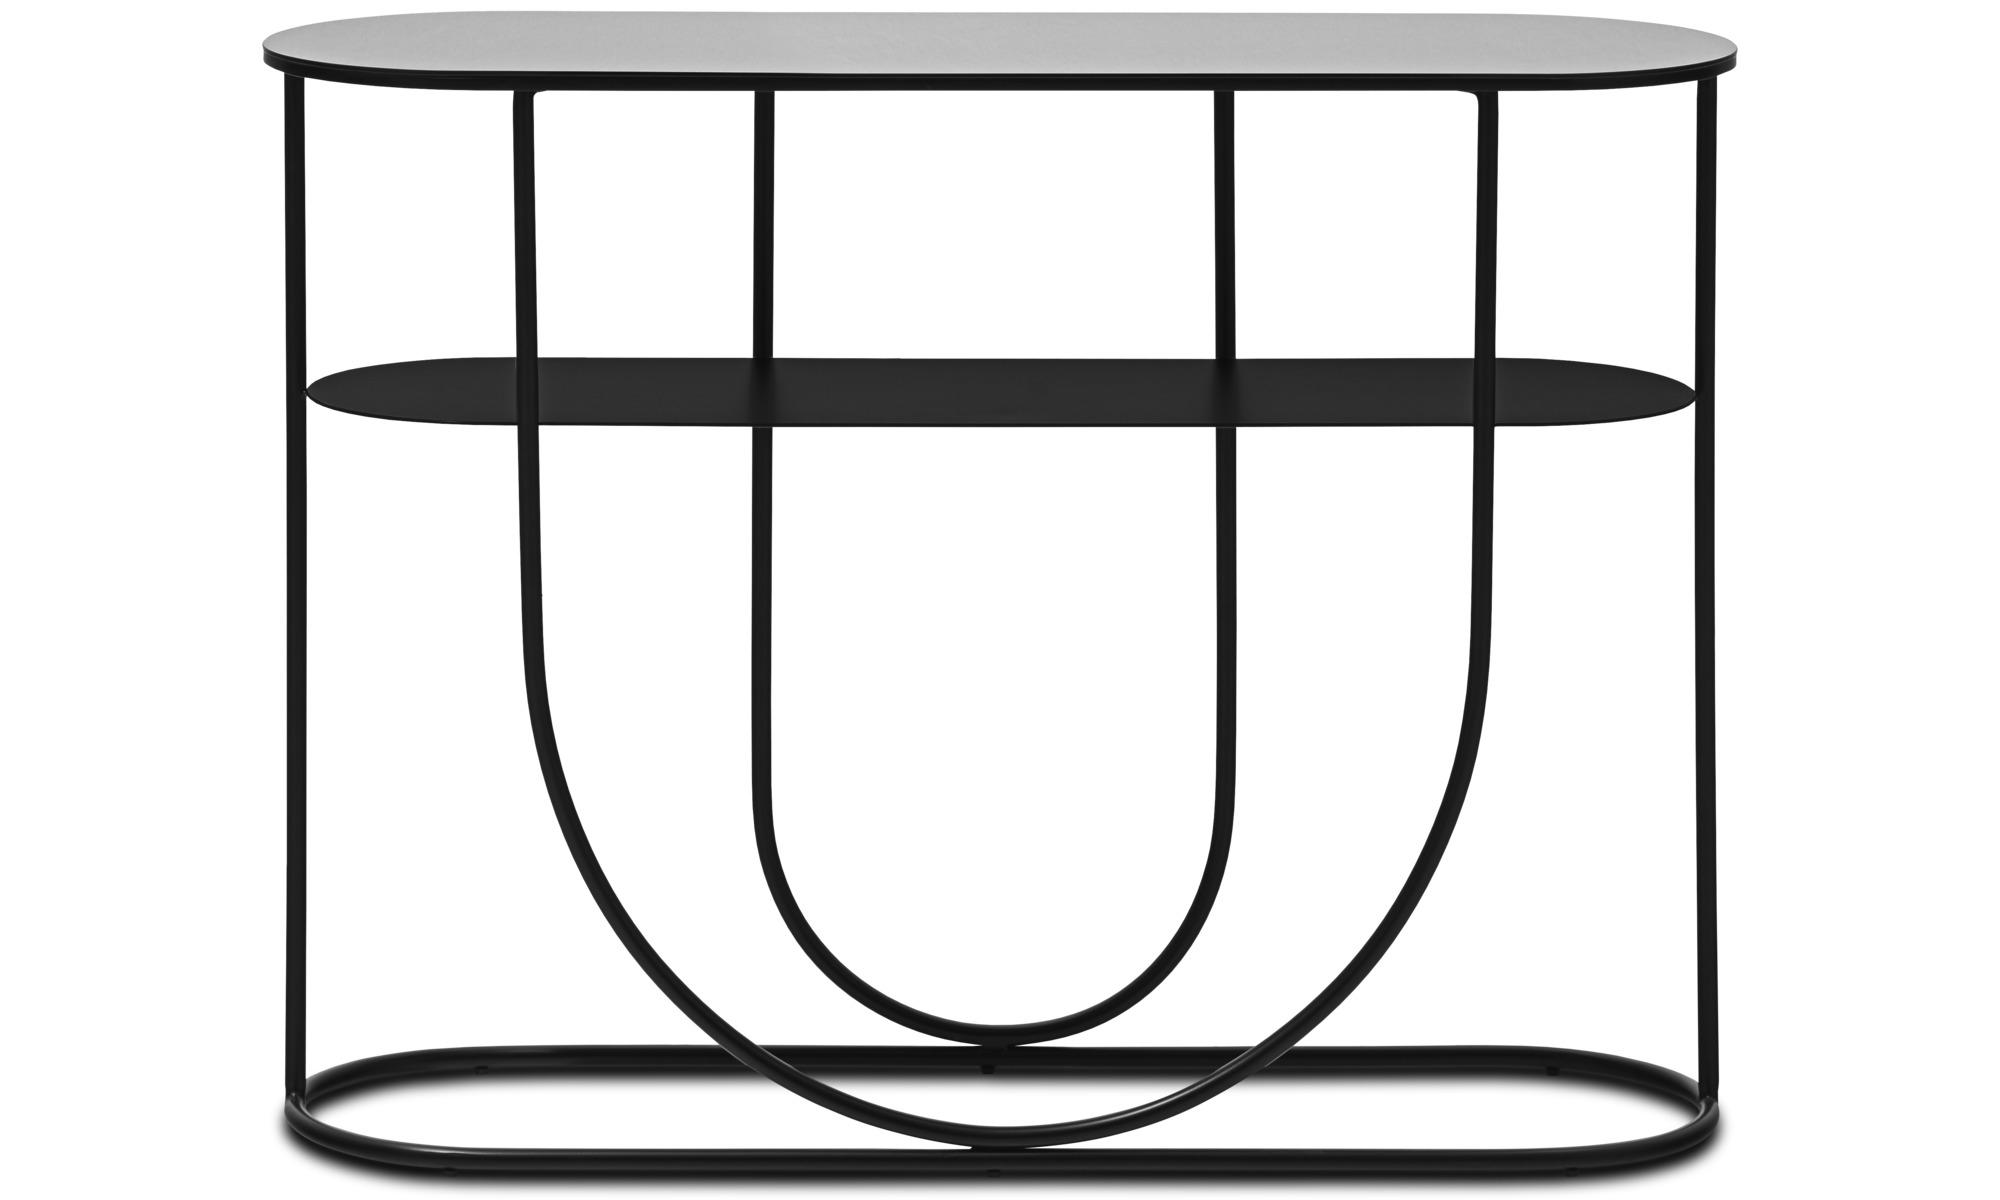 Meble do przedpokoju - Konsola Aisle - owalny - Czarny - Metal